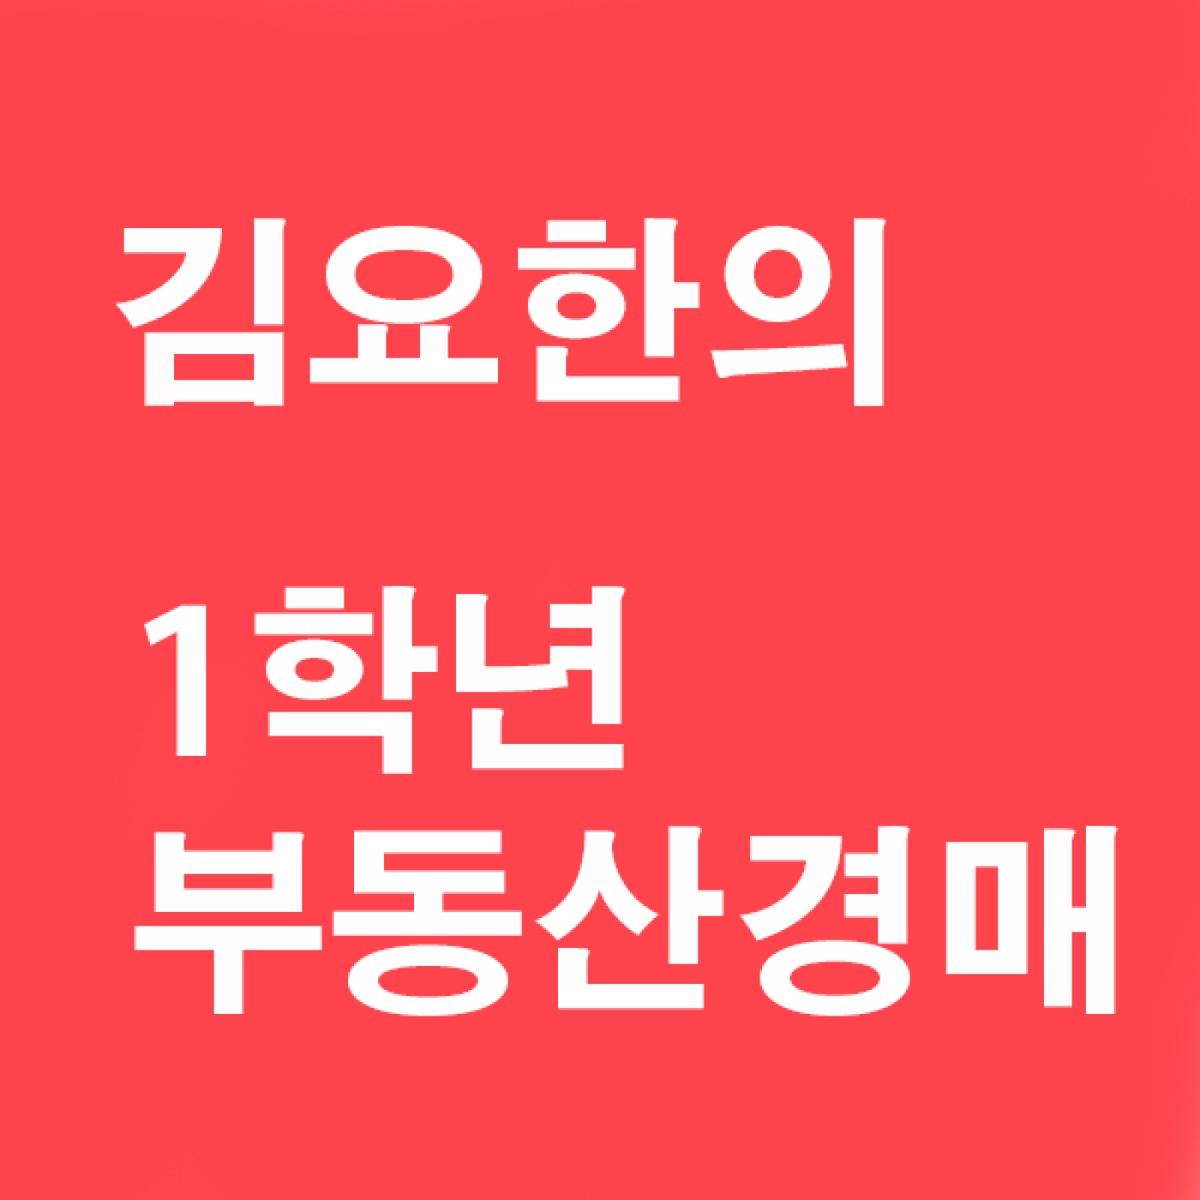 김요한의 제대로부동산(1학년부동산경매)